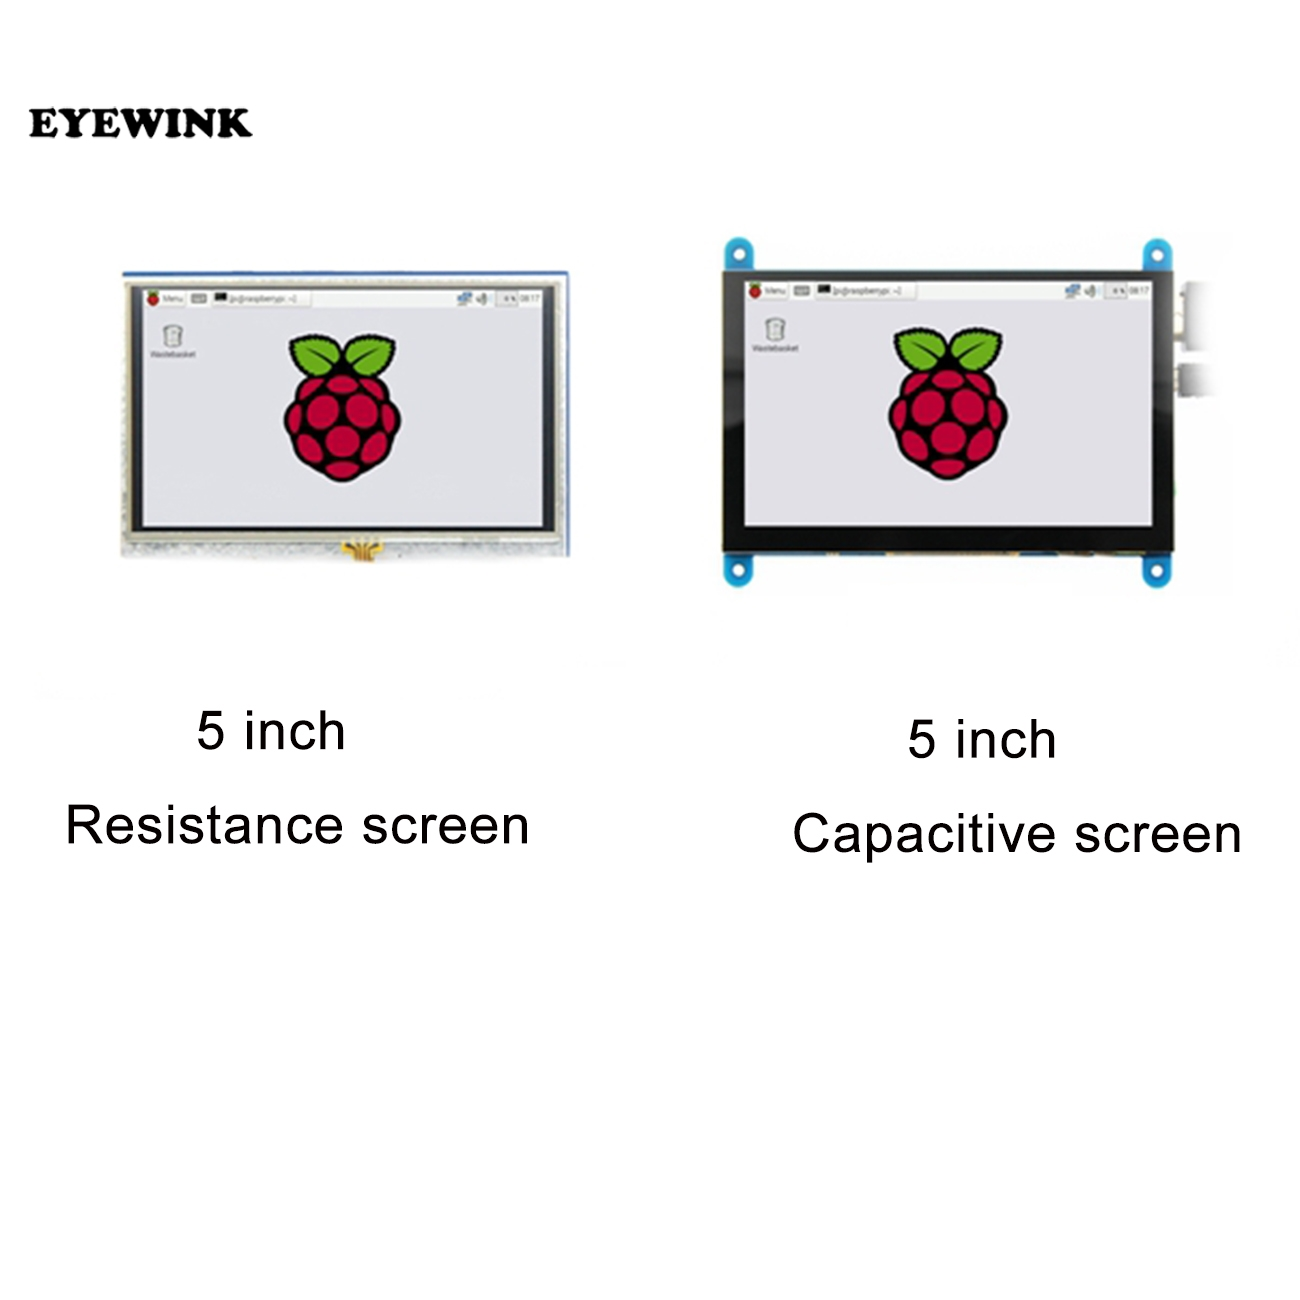 Módulo lcd de 5.0 polegadas pi tft, 5 polegadas resistente tela sensível ao toque 5.0 polegadas lcd módulo de escudo hdmi interface para raspberry pi 3 a +/b +/2b